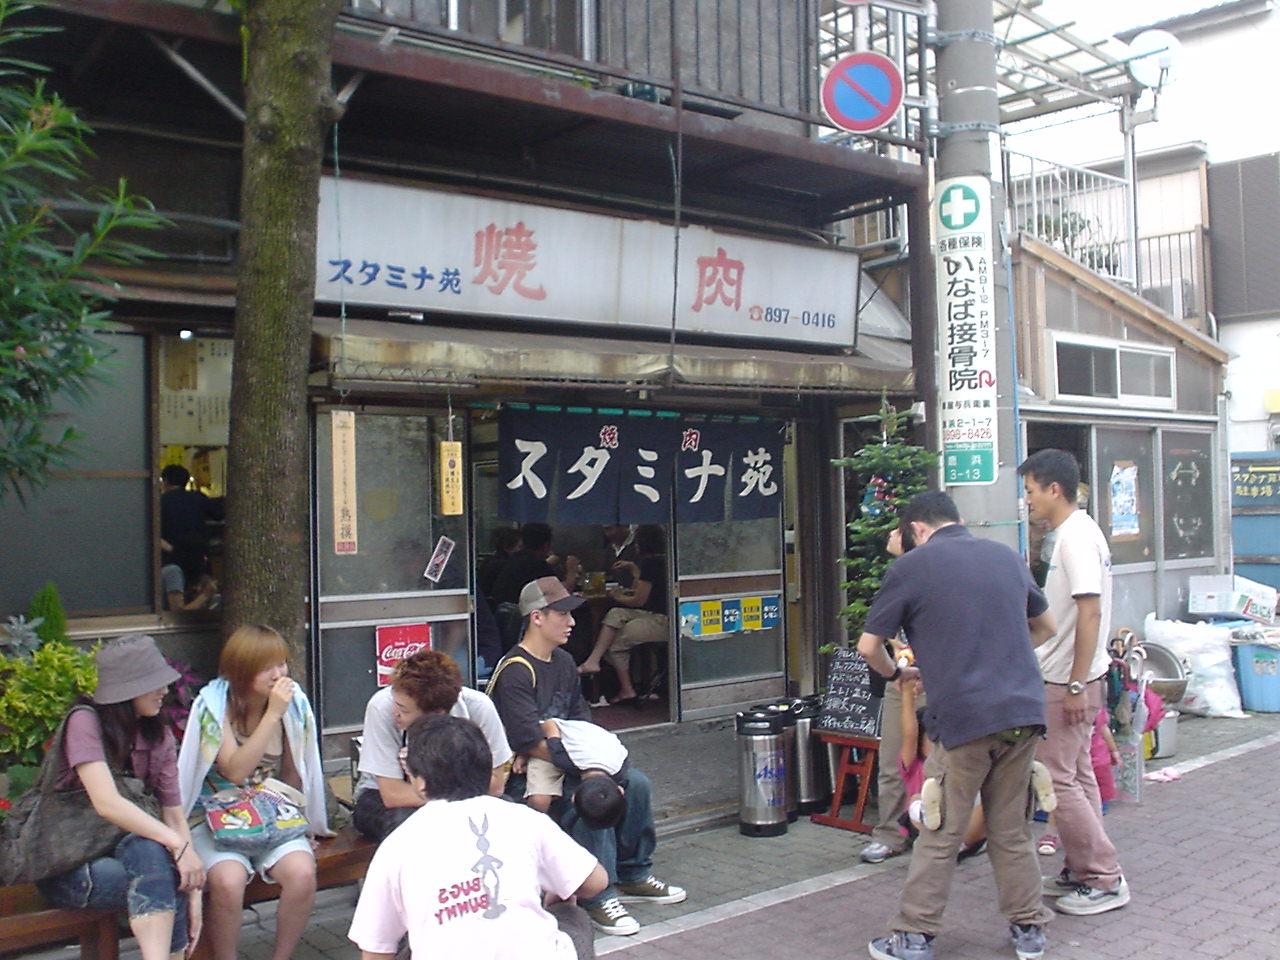 焼肉の人気店『スタミナ苑』の繁盛哲学